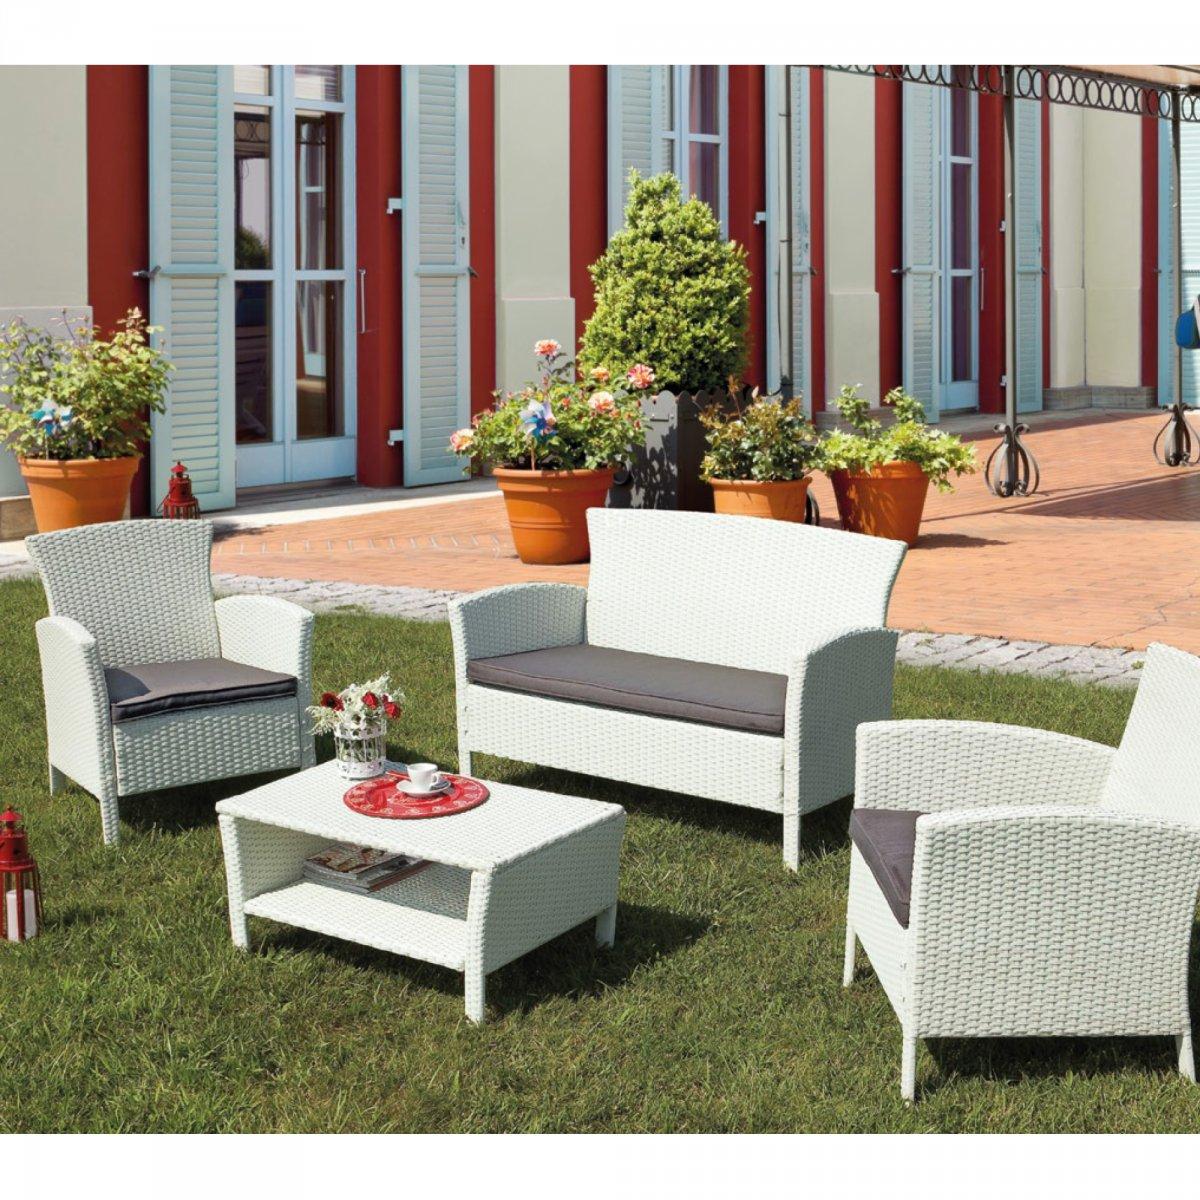 Bizzotto salotto hop con cuscini bizzotto giardino for Completi da giardino